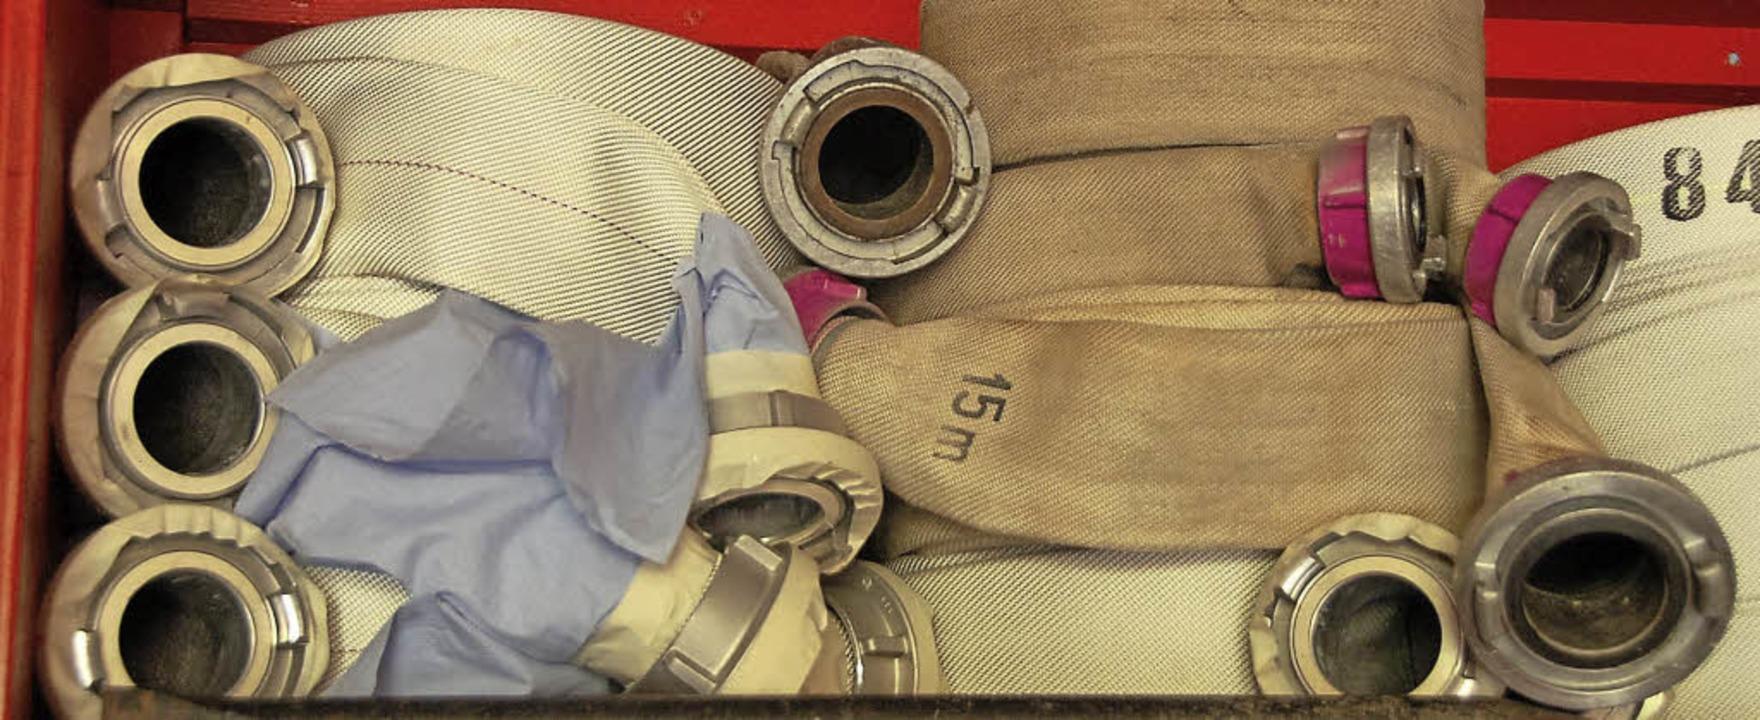 Auch wenn die Schlauchlänge reicht: Fü...im Brandfall ein Hubrettungsfahrzeug.     Foto: Blum